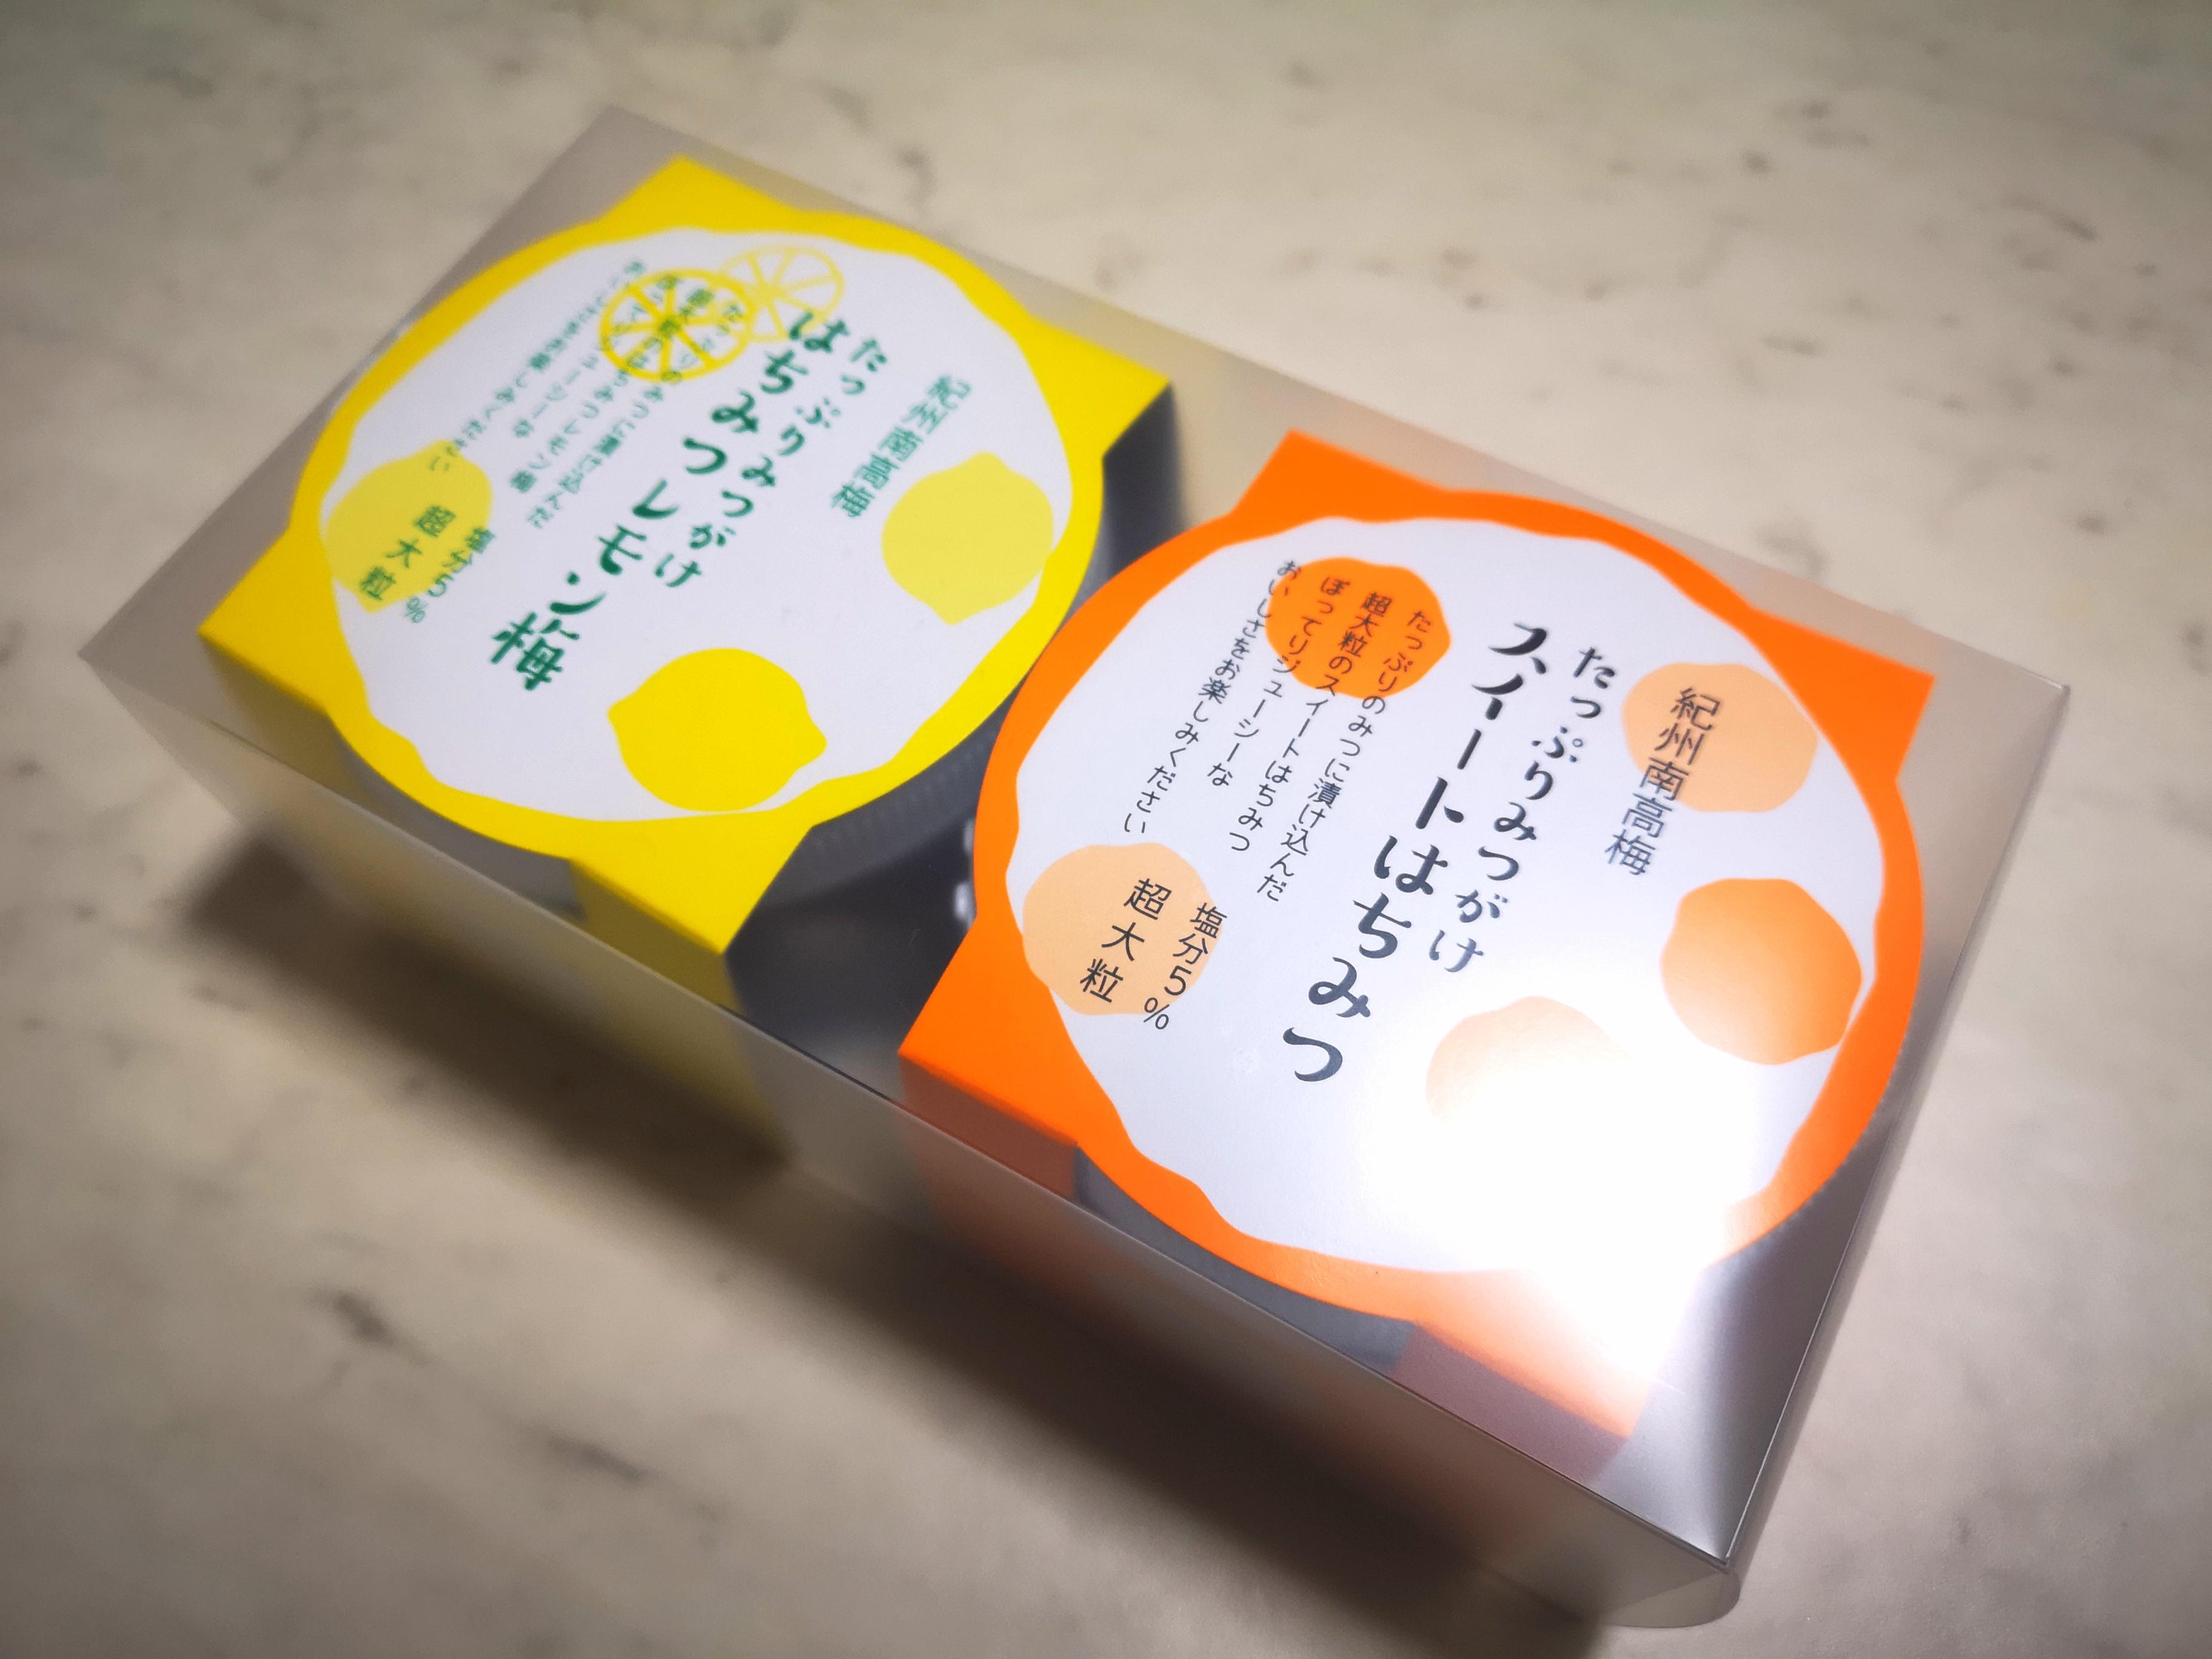 ふっくらジューシー 梅翁園の【たっぷりみつがけスイート&レモン】